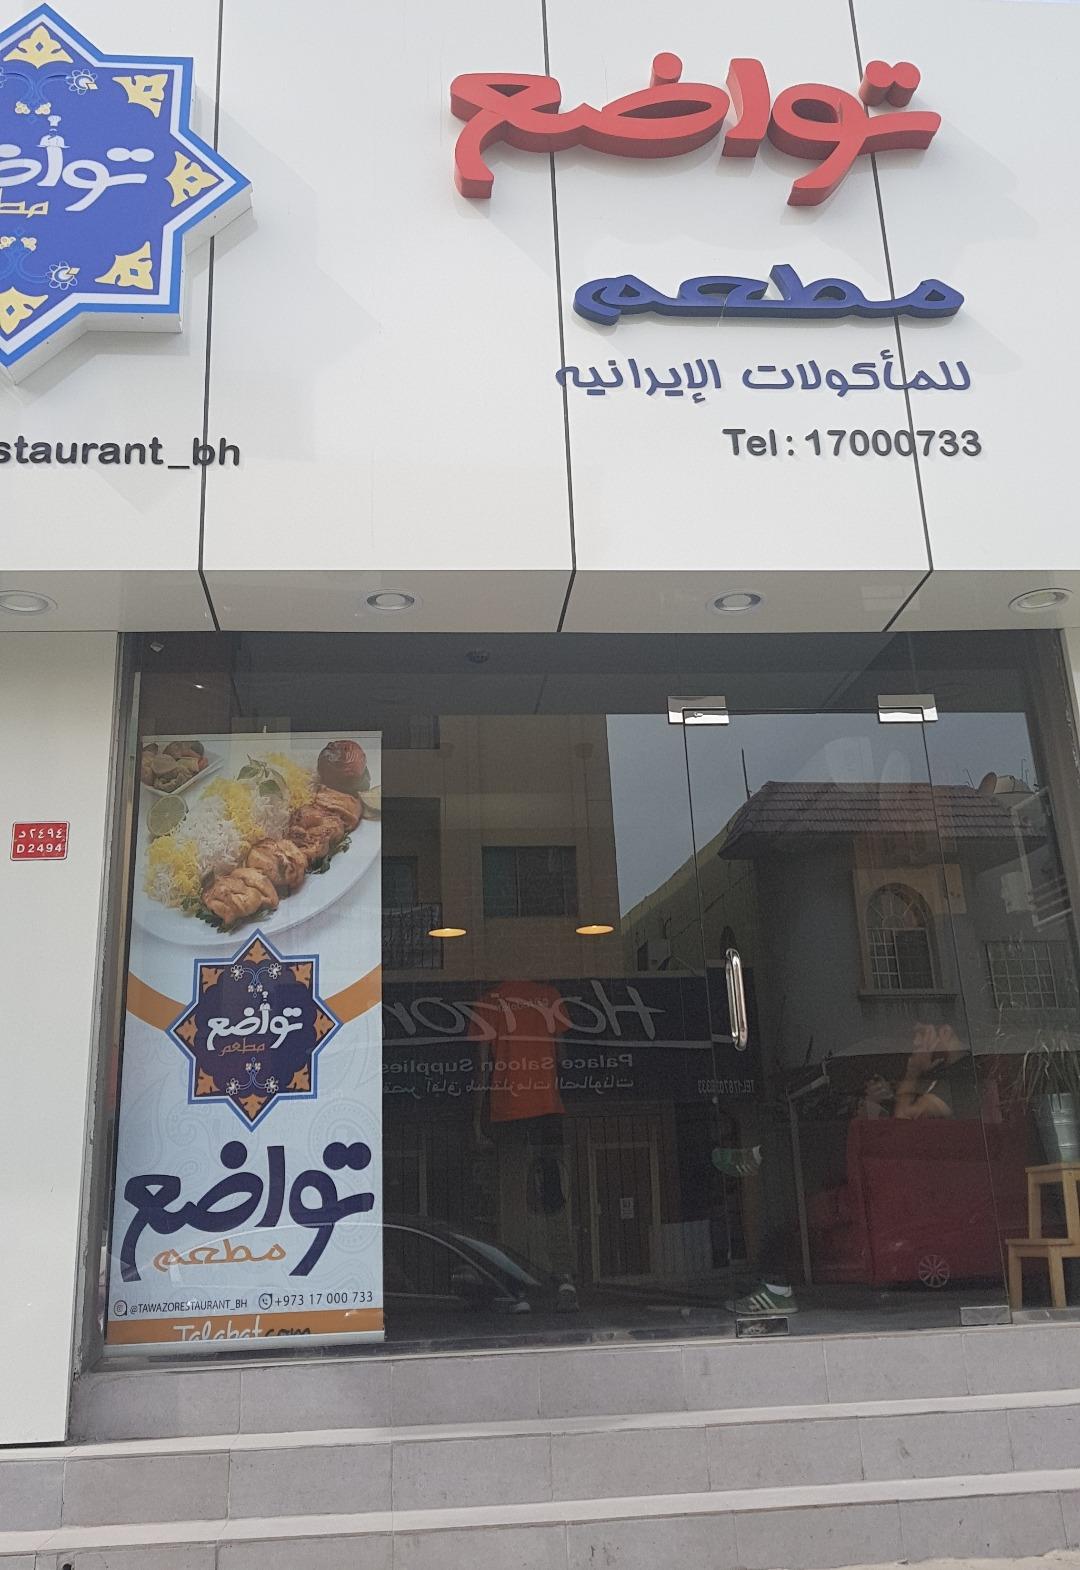 Tawazo Restaurant - Bahrain